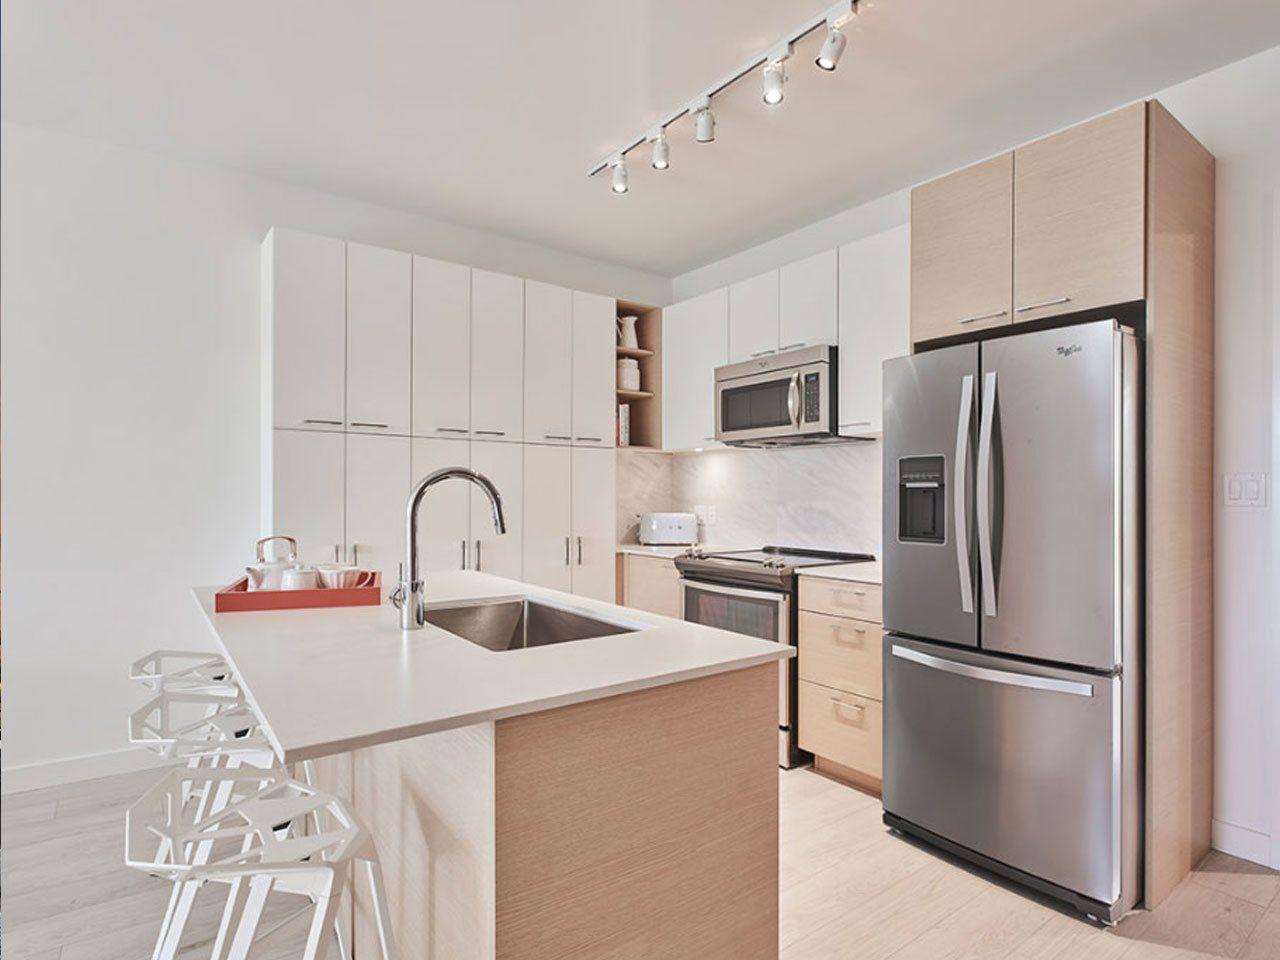 Condo Apartment at 205 10581 140TH STREET, Unit 205, North Surrey, British Columbia. Image 2